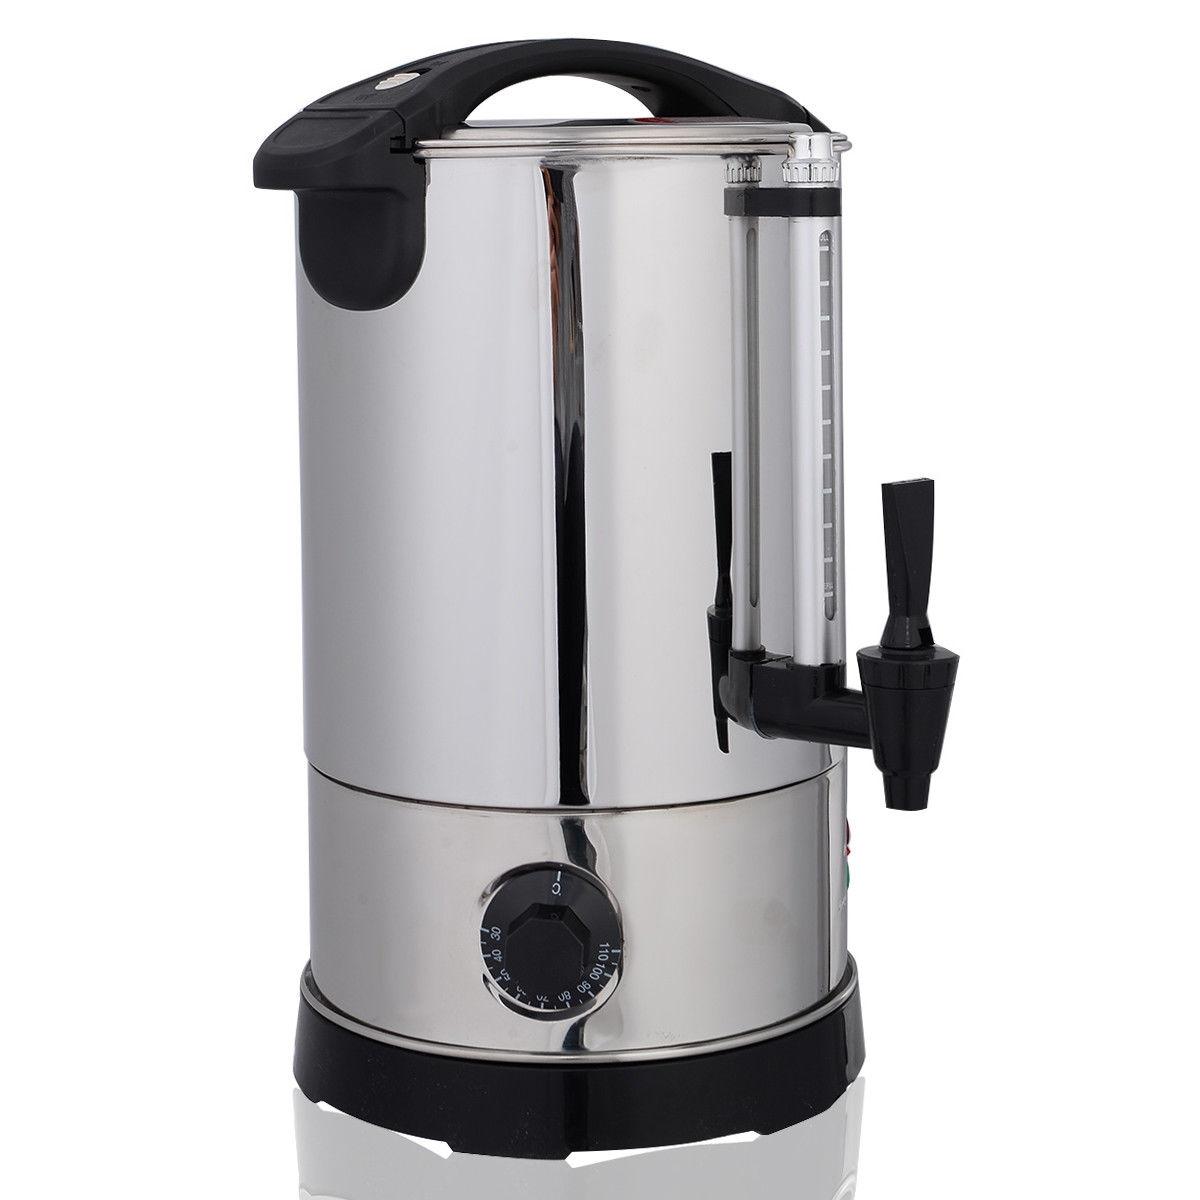 6-quart Stainless Steel Electric Water Boiler Kettle Dispenser